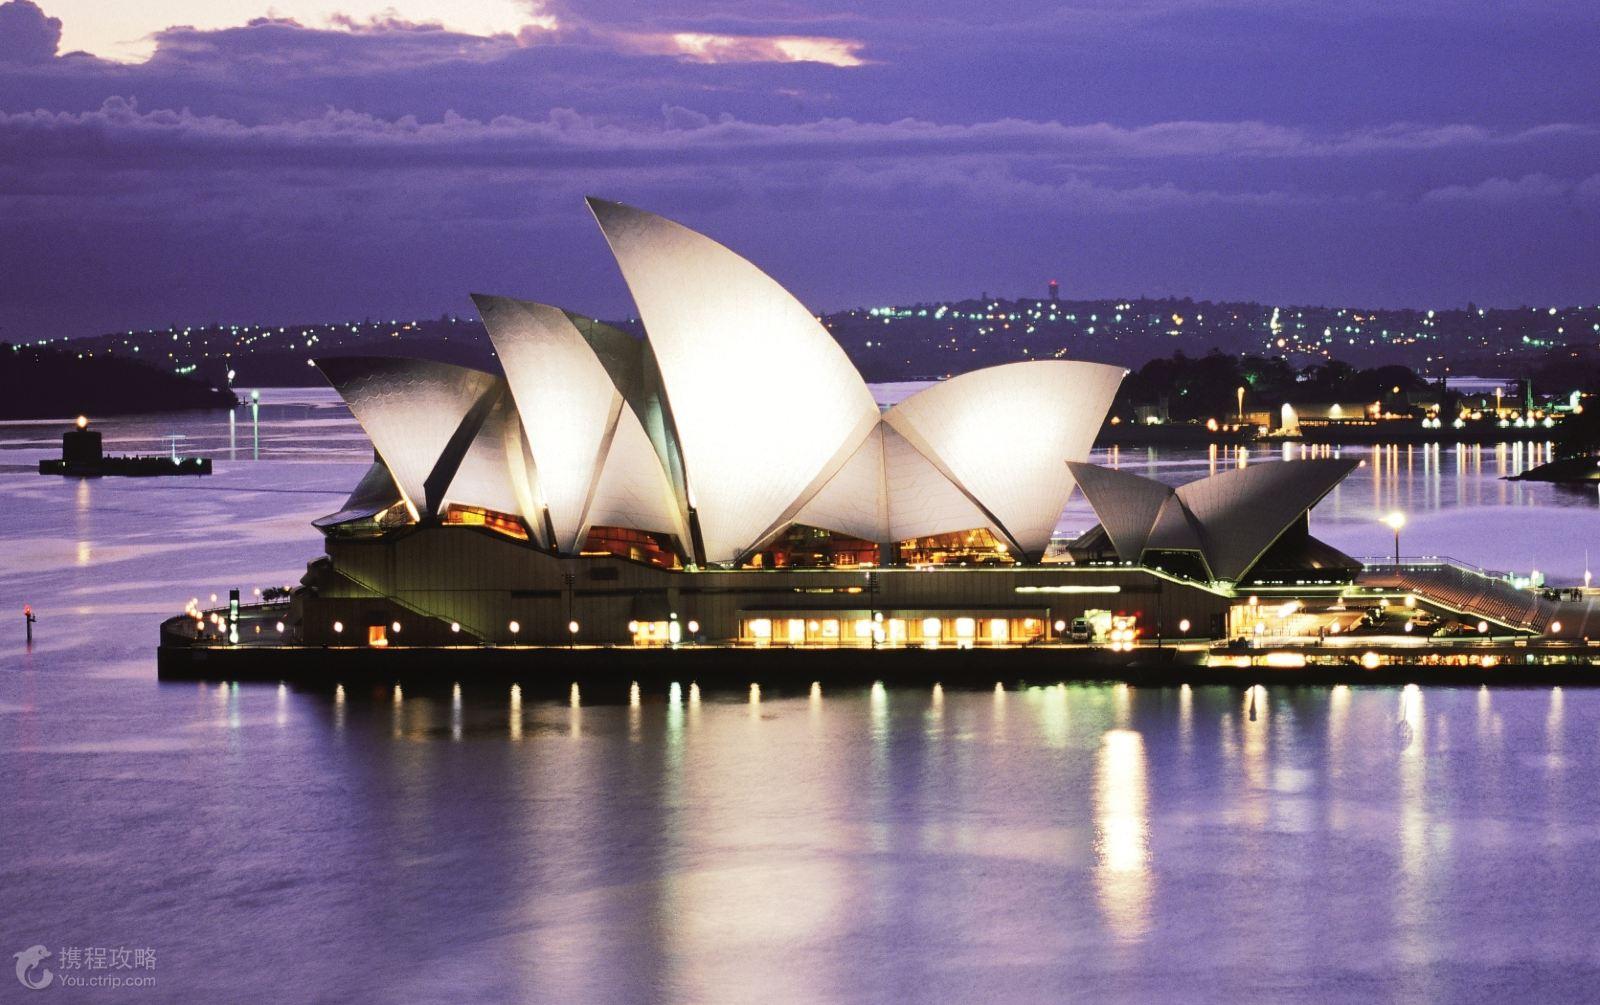 澳大利亚悉尼+墨尔本+凯恩斯+黄金海岸+新西兰奥克兰